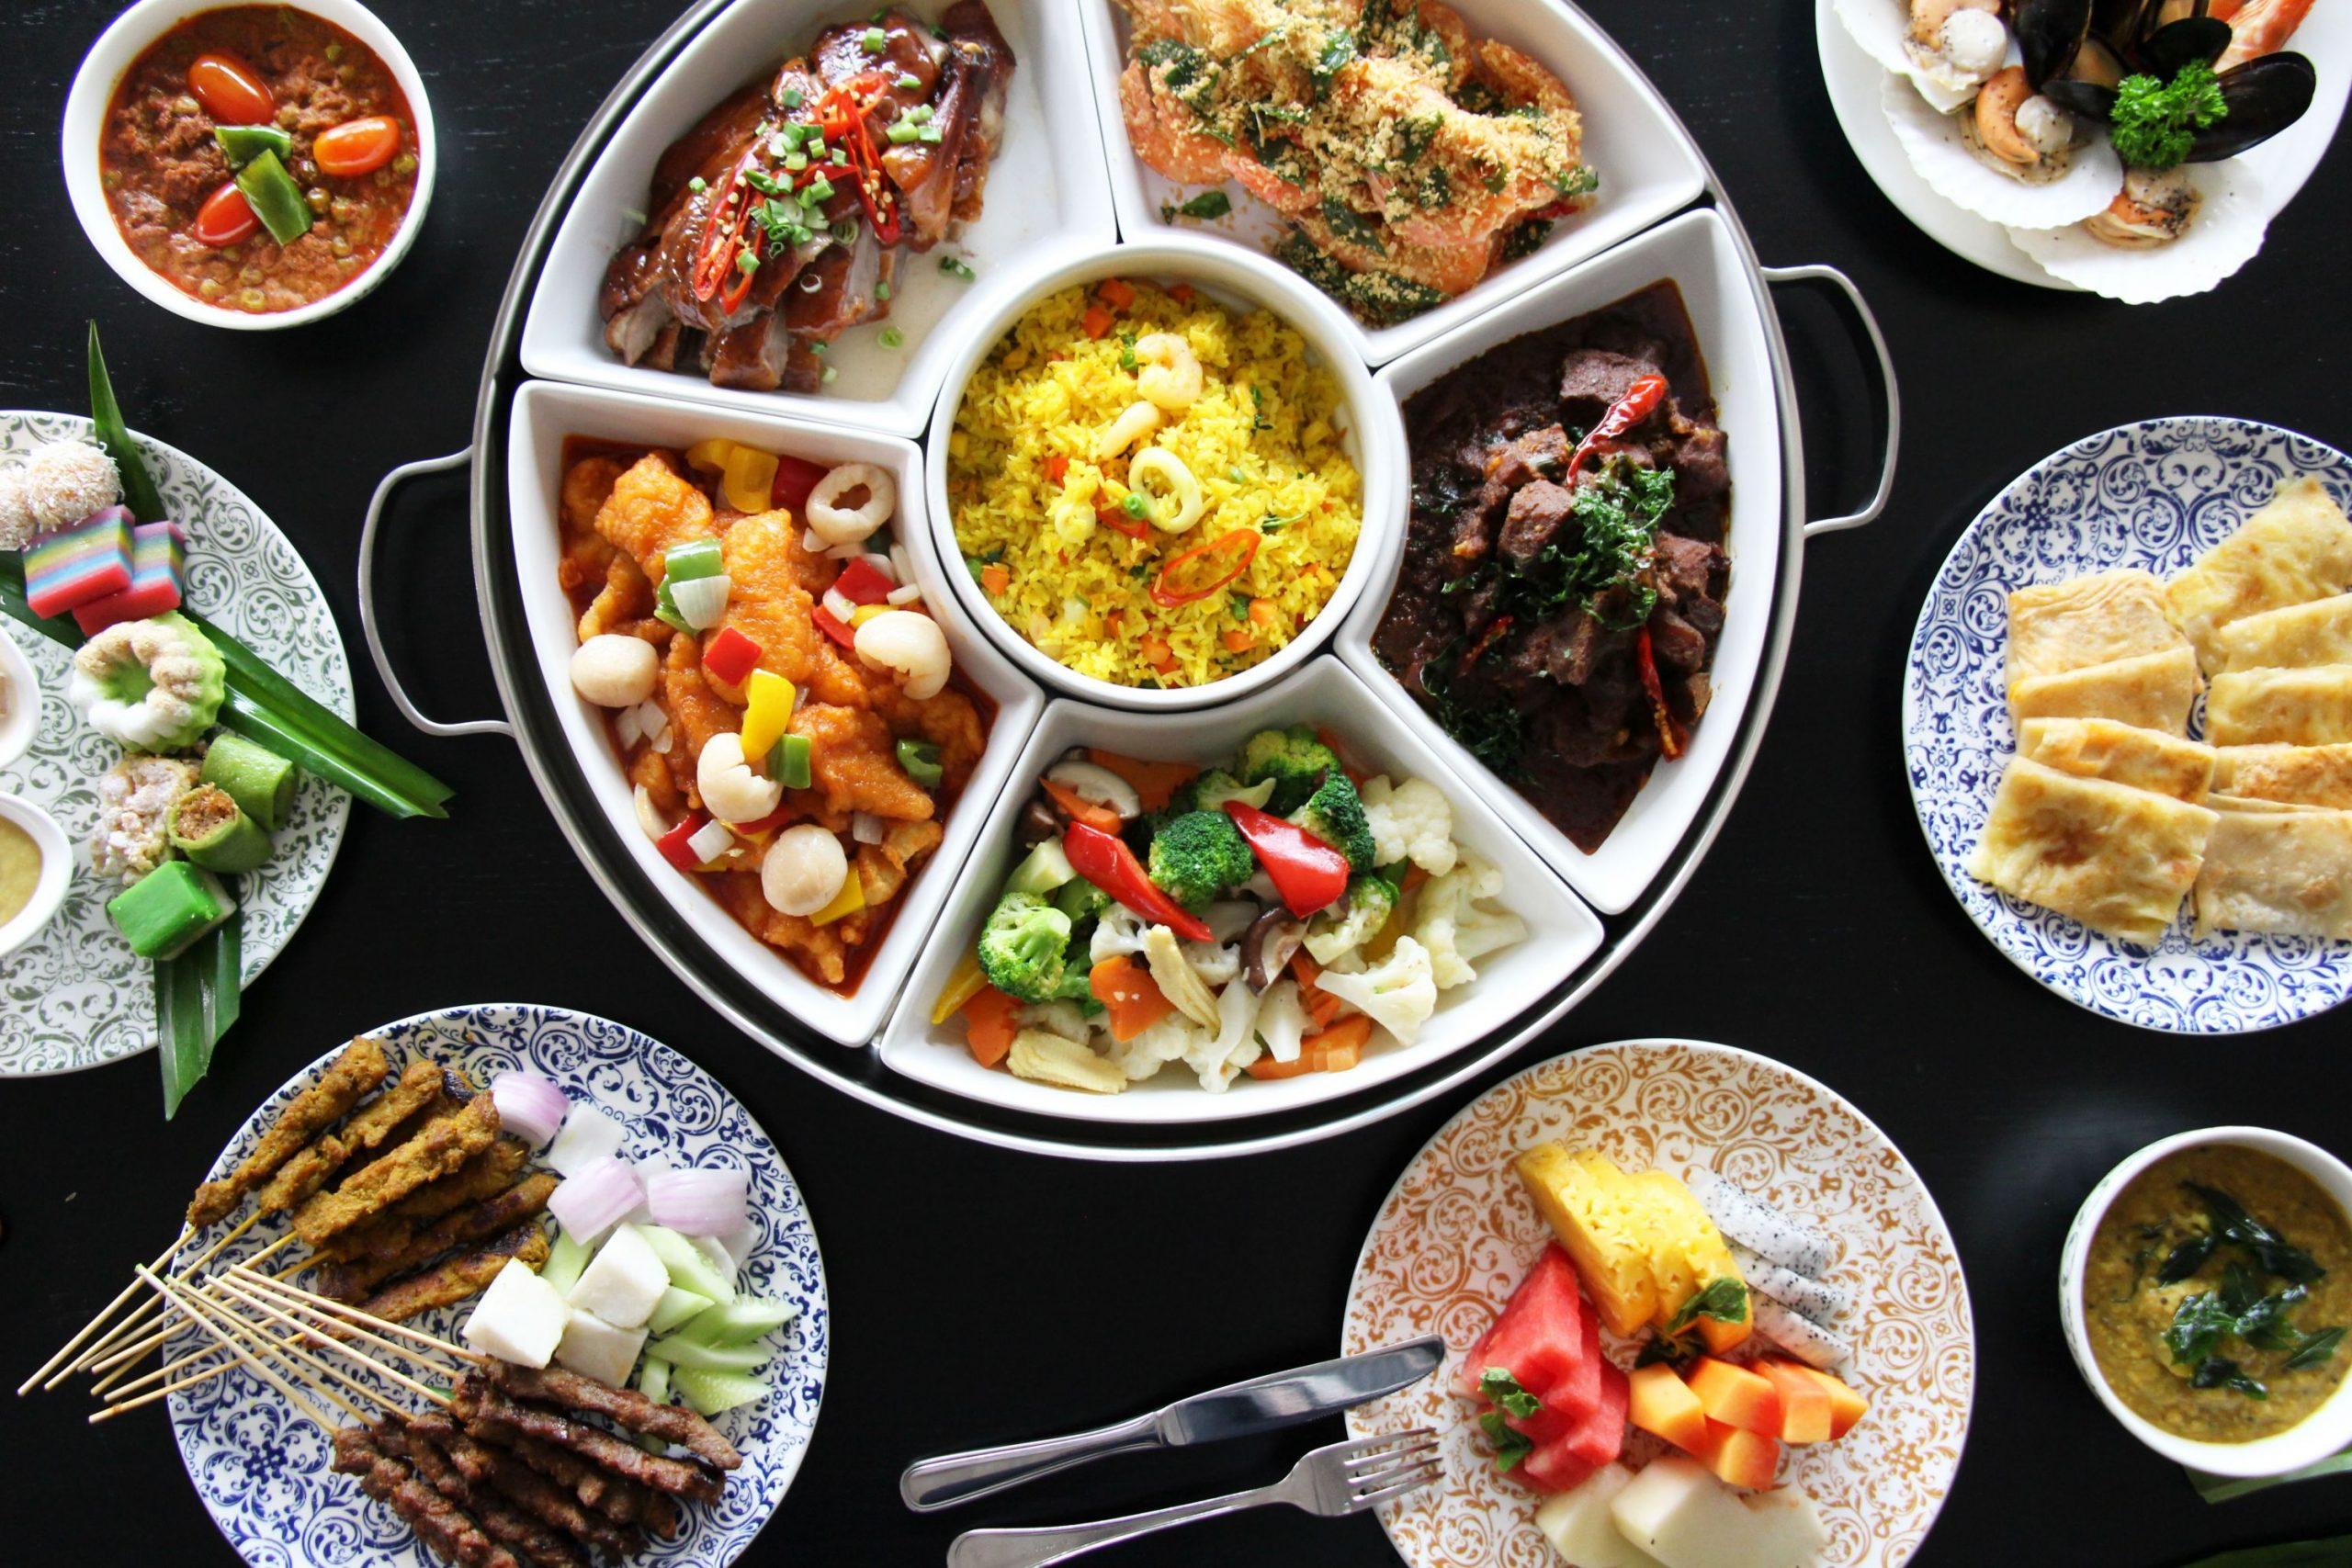 Hidang Mahsuri at Asian Market Cafe